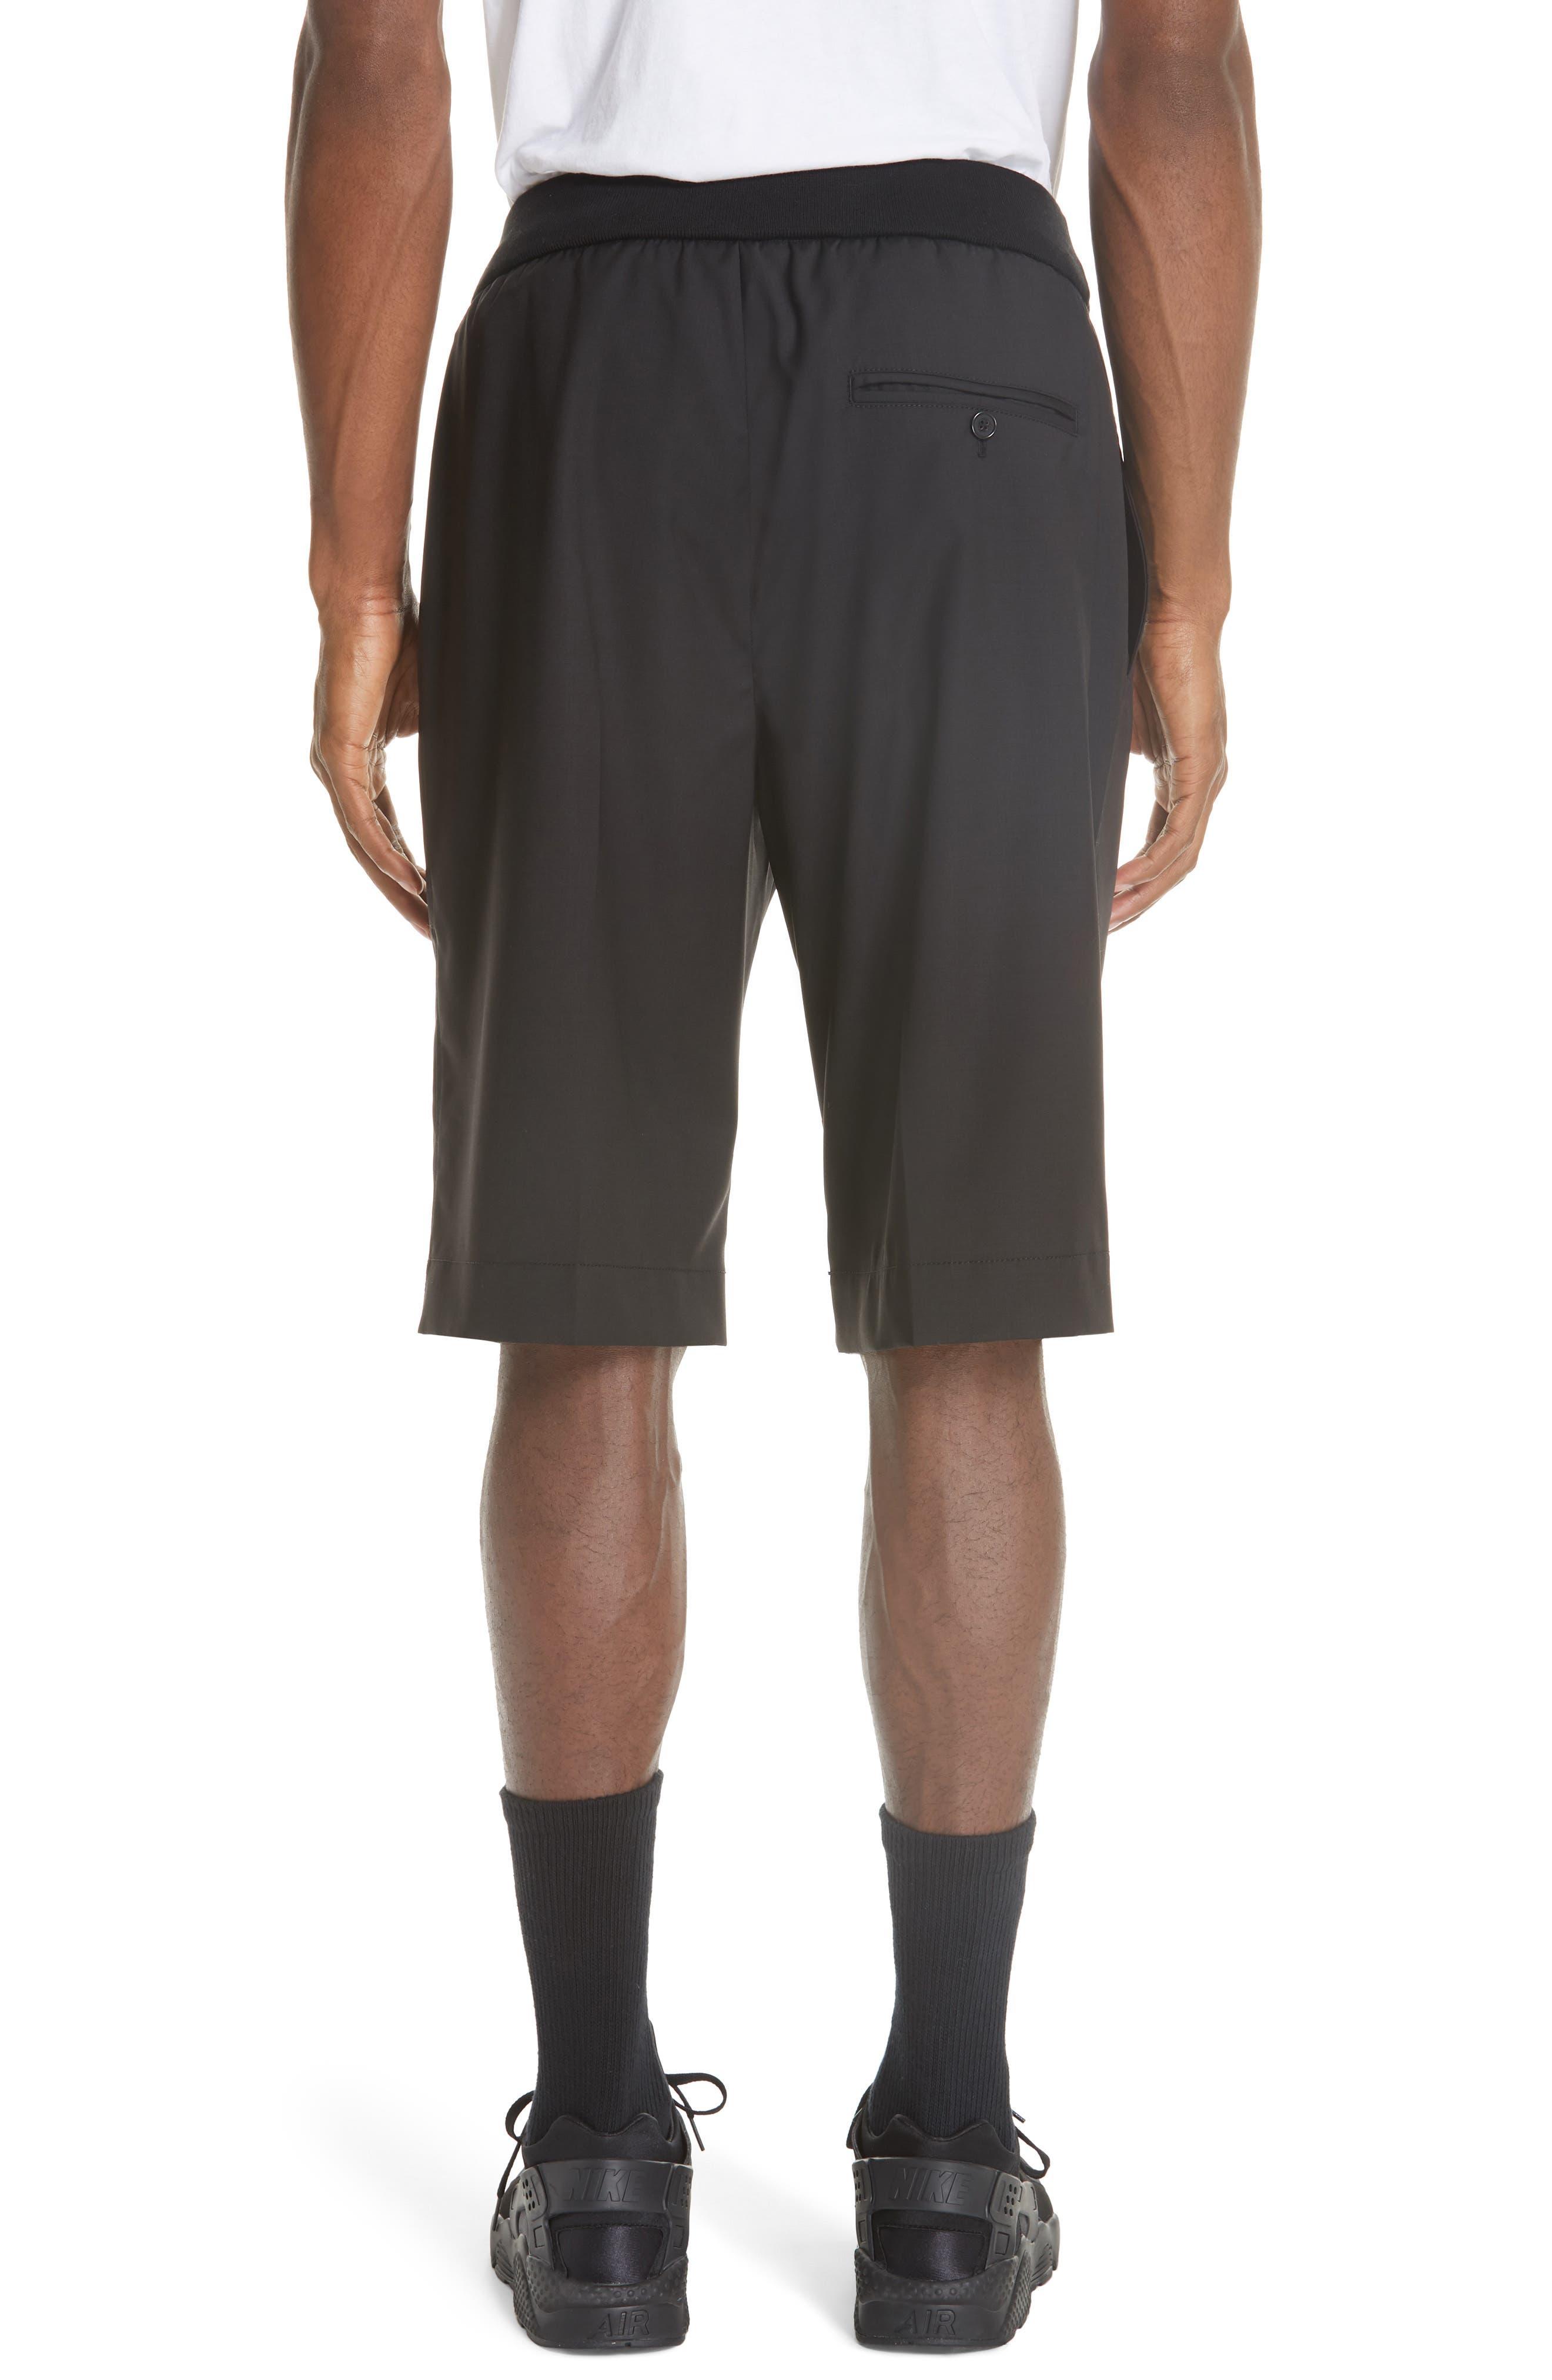 Men's 3.1 Phillip Lim Clothing: Shop Men's 3.1 Phillip Lim Clothes |  Nordstrom